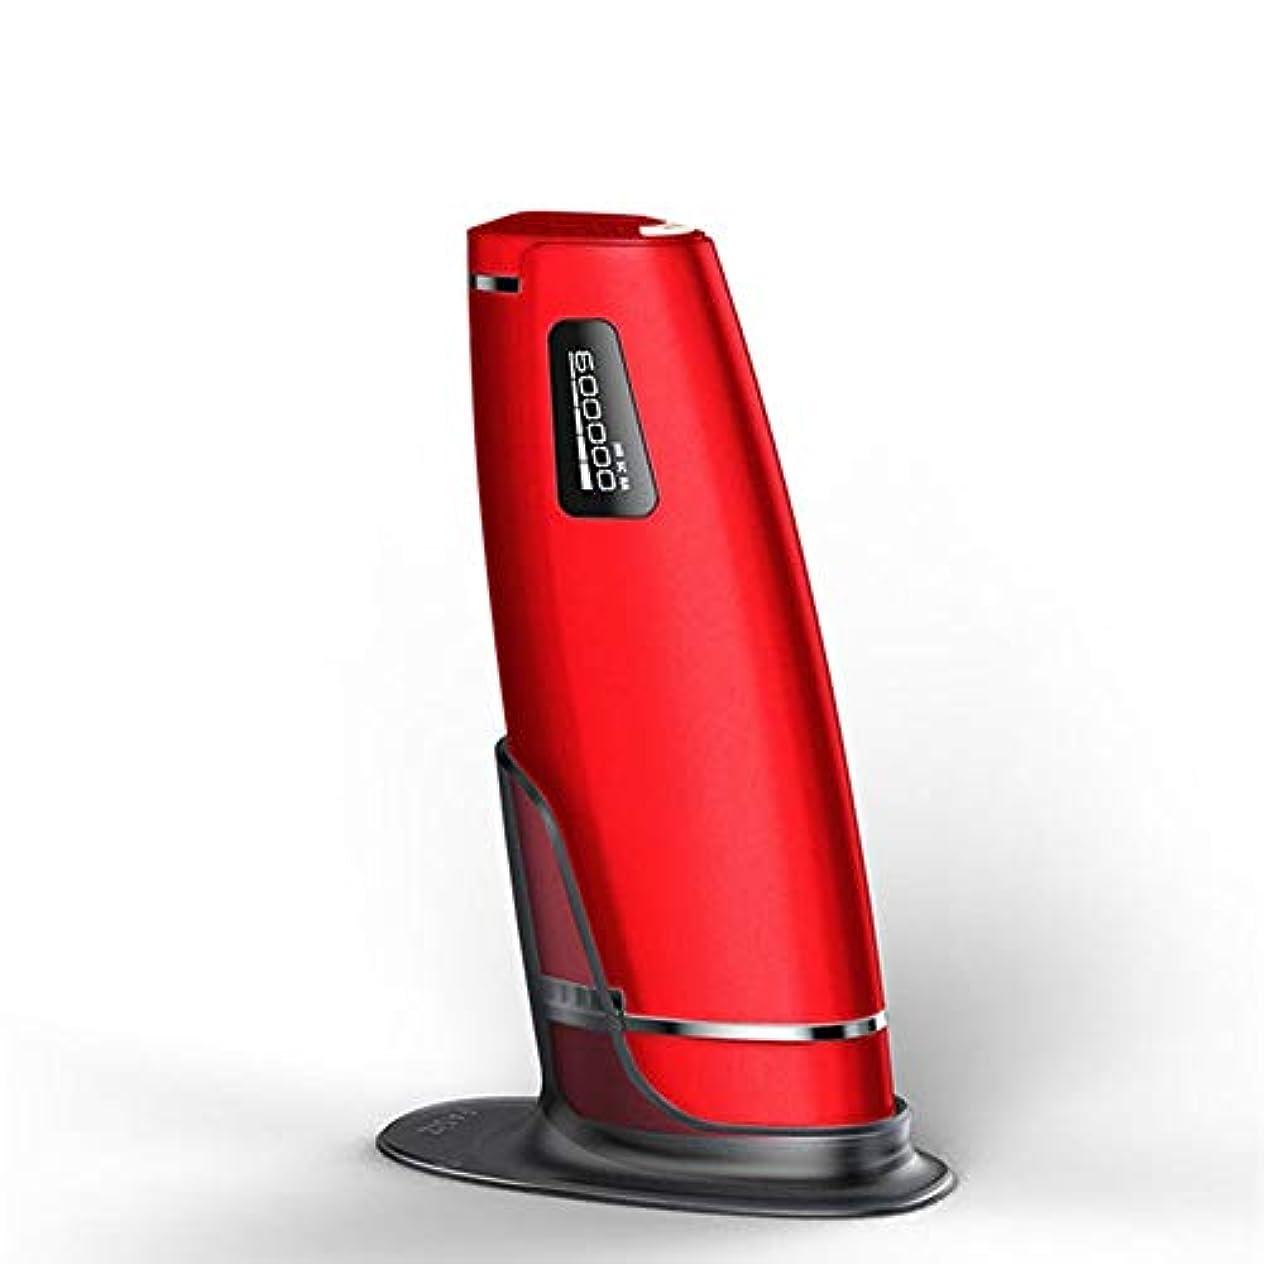 手足天窓ナビゲーション赤、デュアルモード、ホームオートマチック無痛脱毛剤、携帯用永久脱毛剤、5スピード調整、サイズ20.5 X 4.5 X 7 Cm 髪以外はきれい (Color : Red)